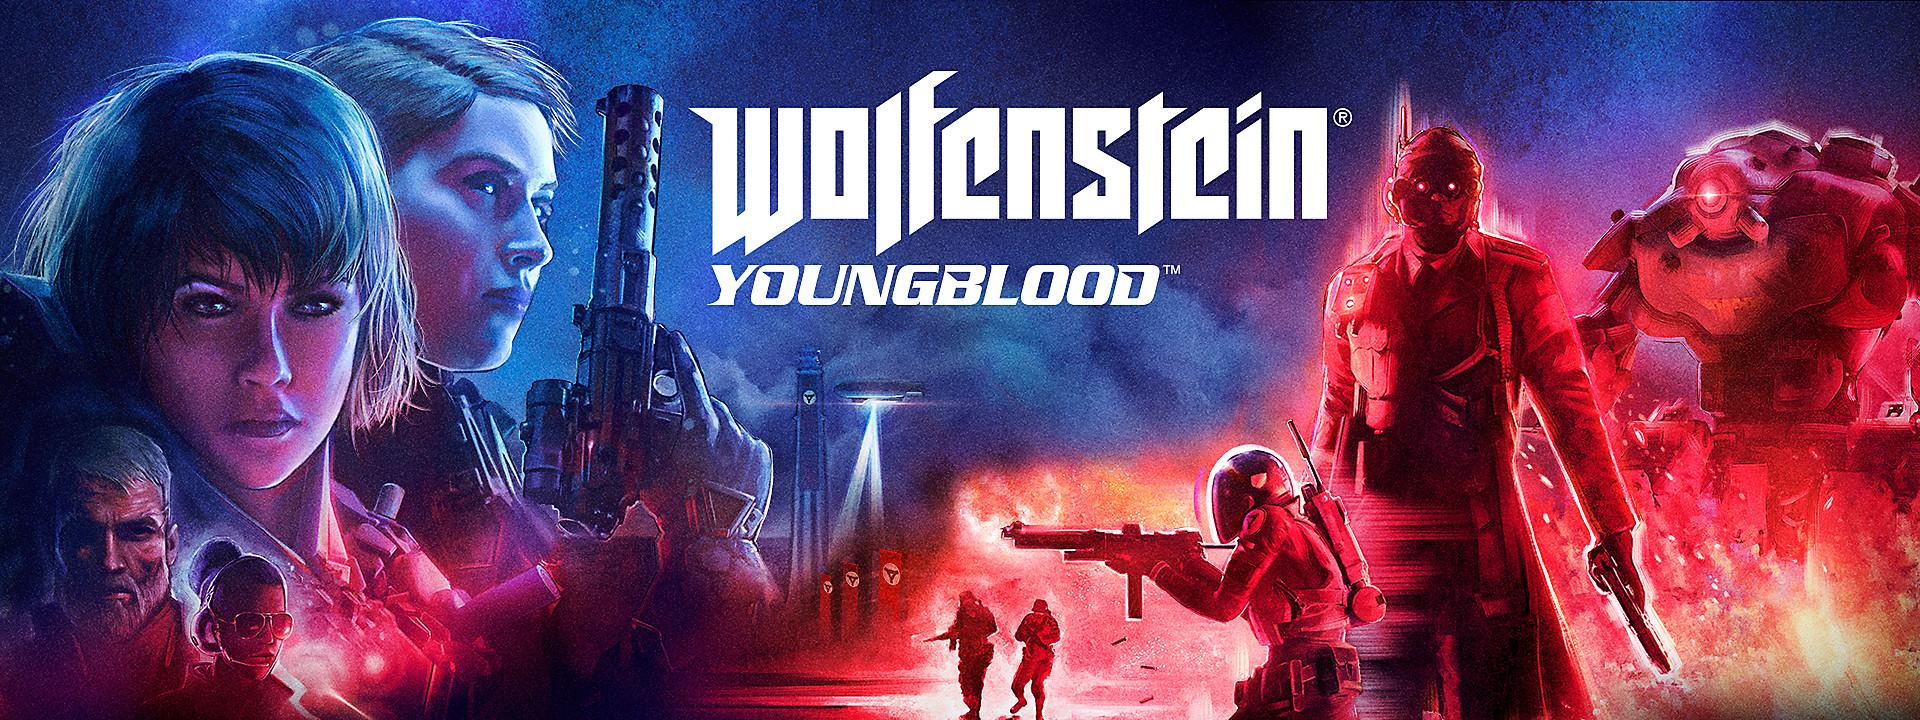 Wolfenstein: Youngblood Review - Oofenstein | MonsterVine